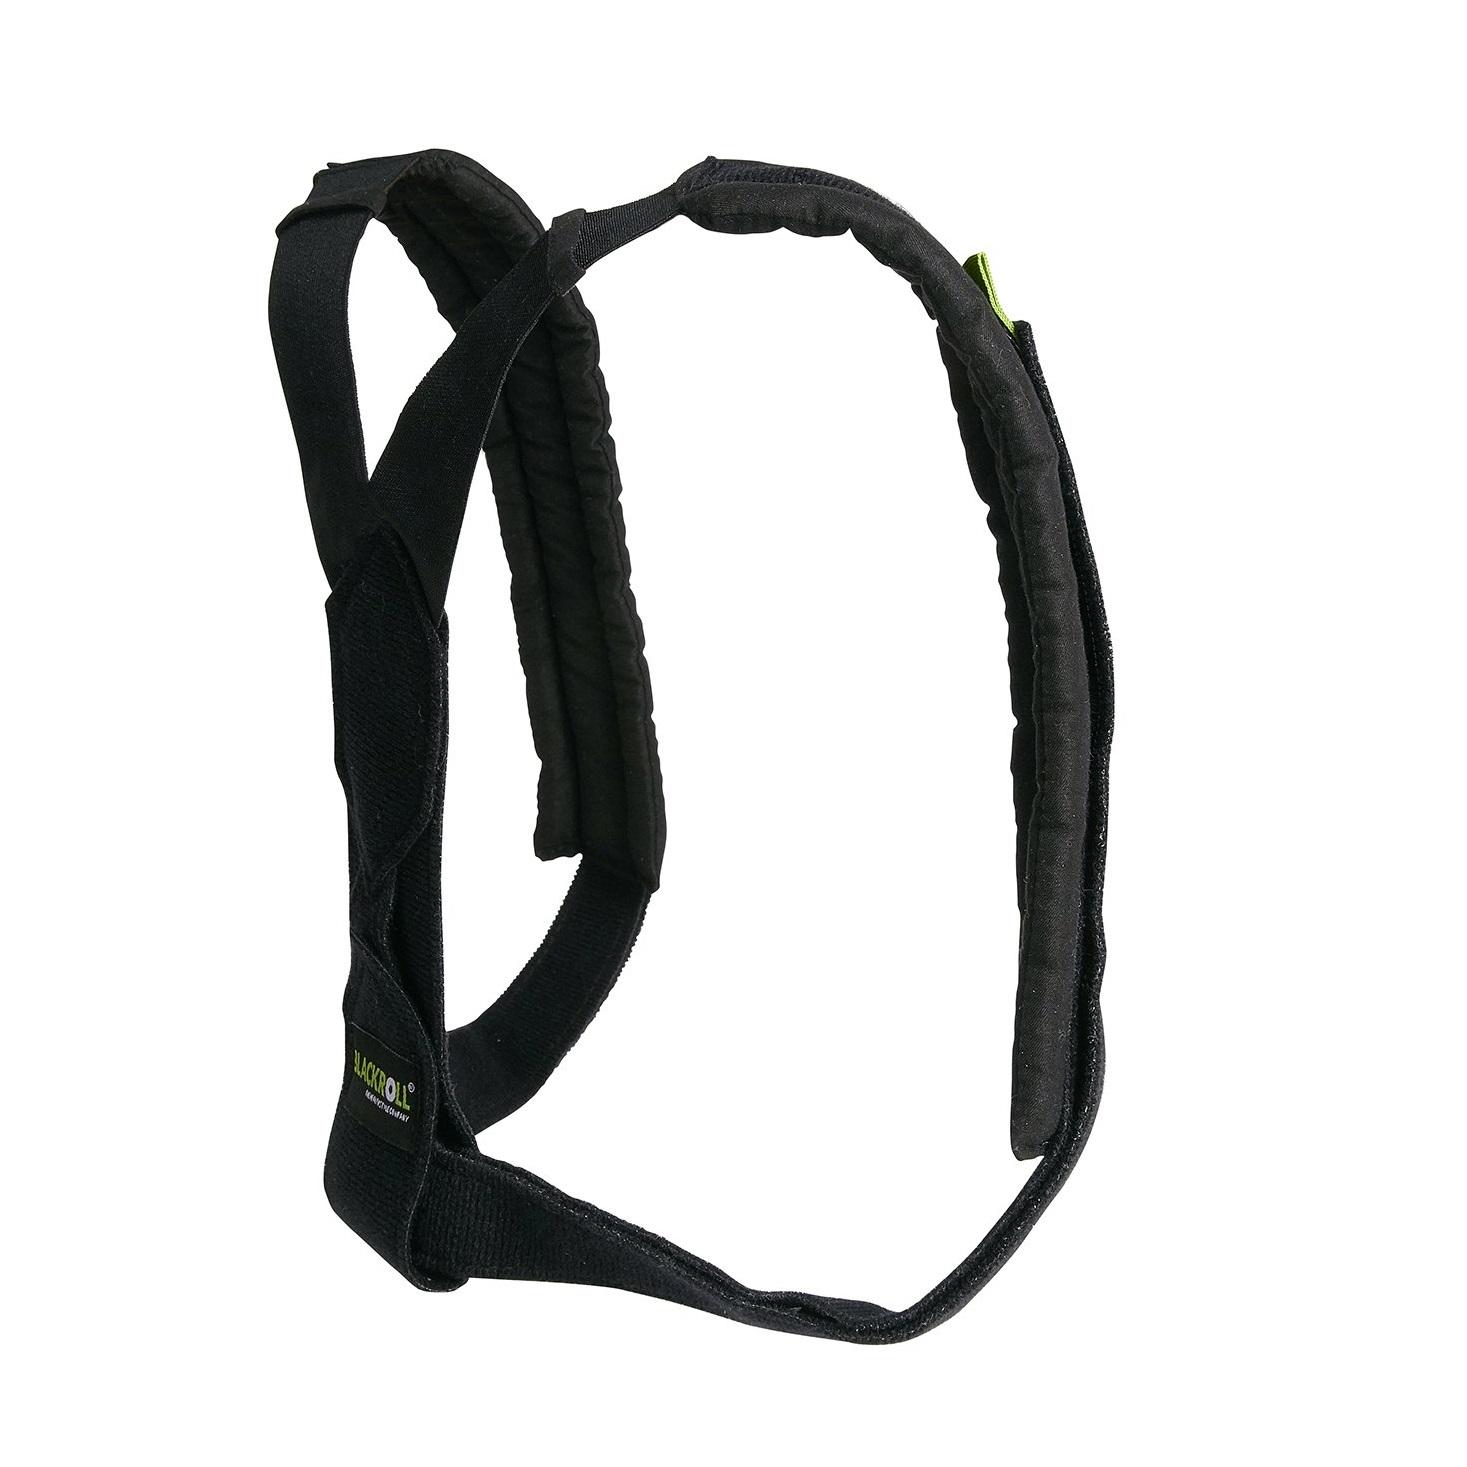 Blackroll Posture 2.0